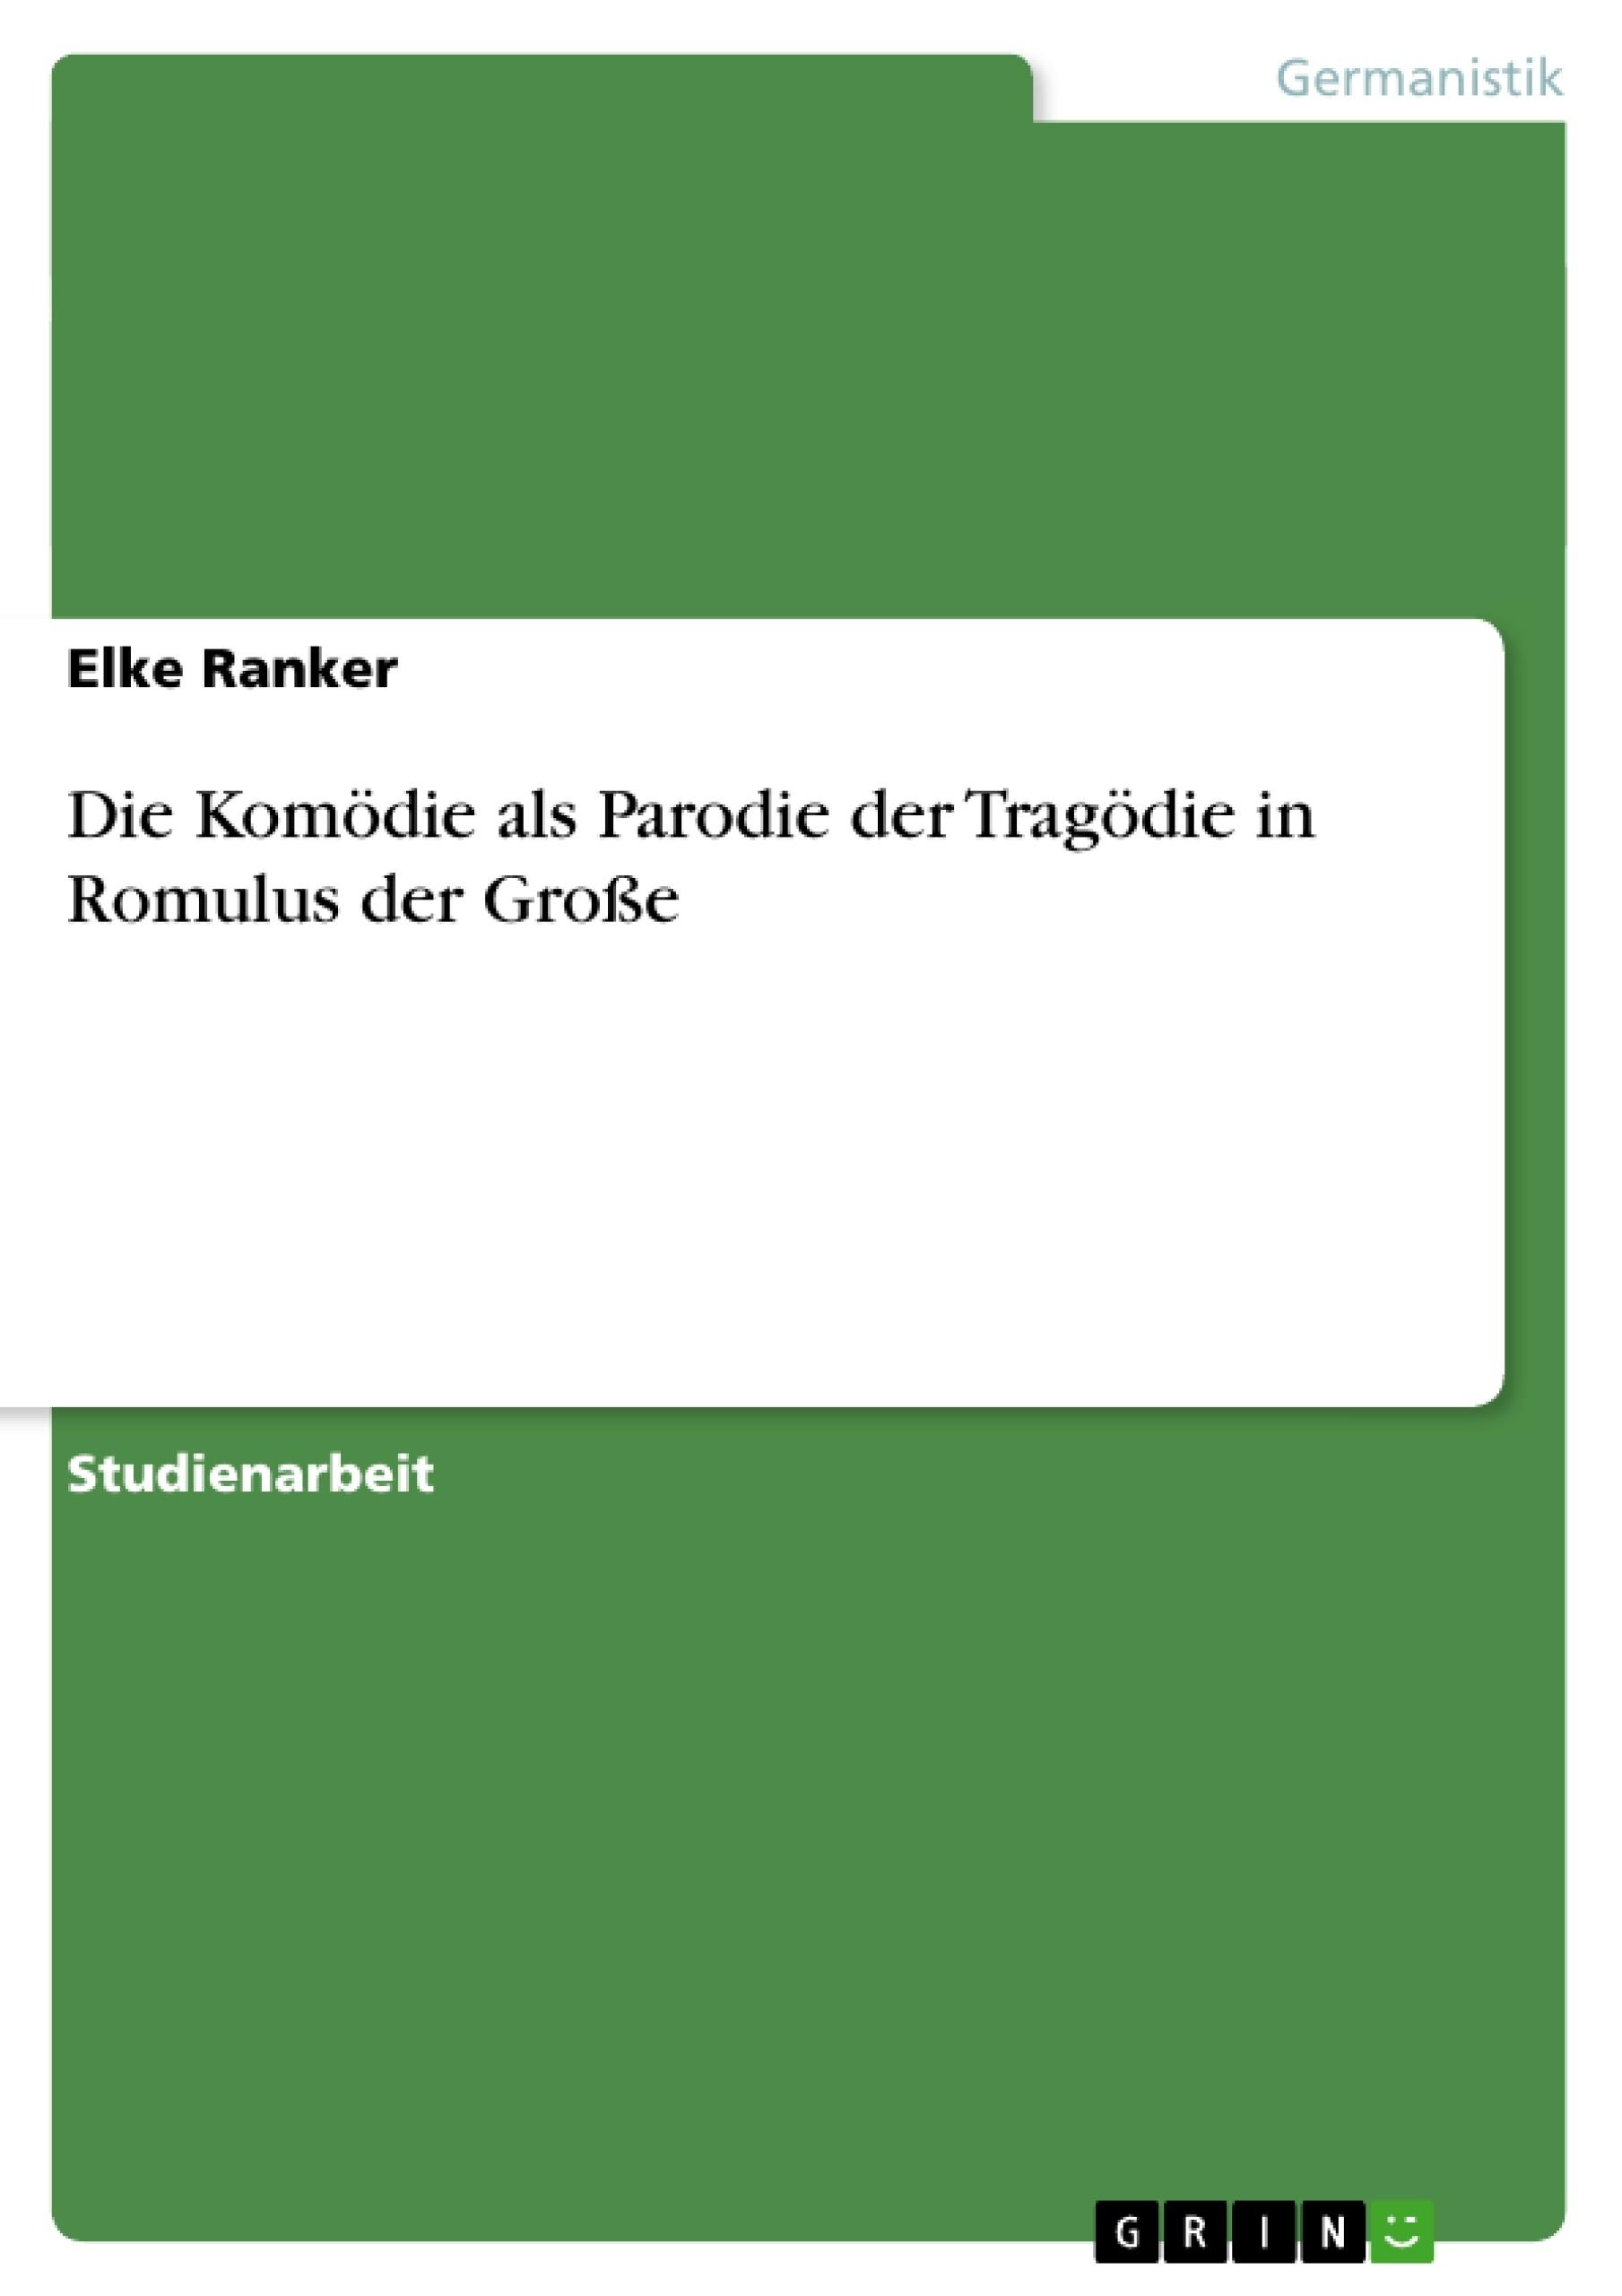 Titel: Die Komödie als Parodie der Tragödie in Romulus der Große